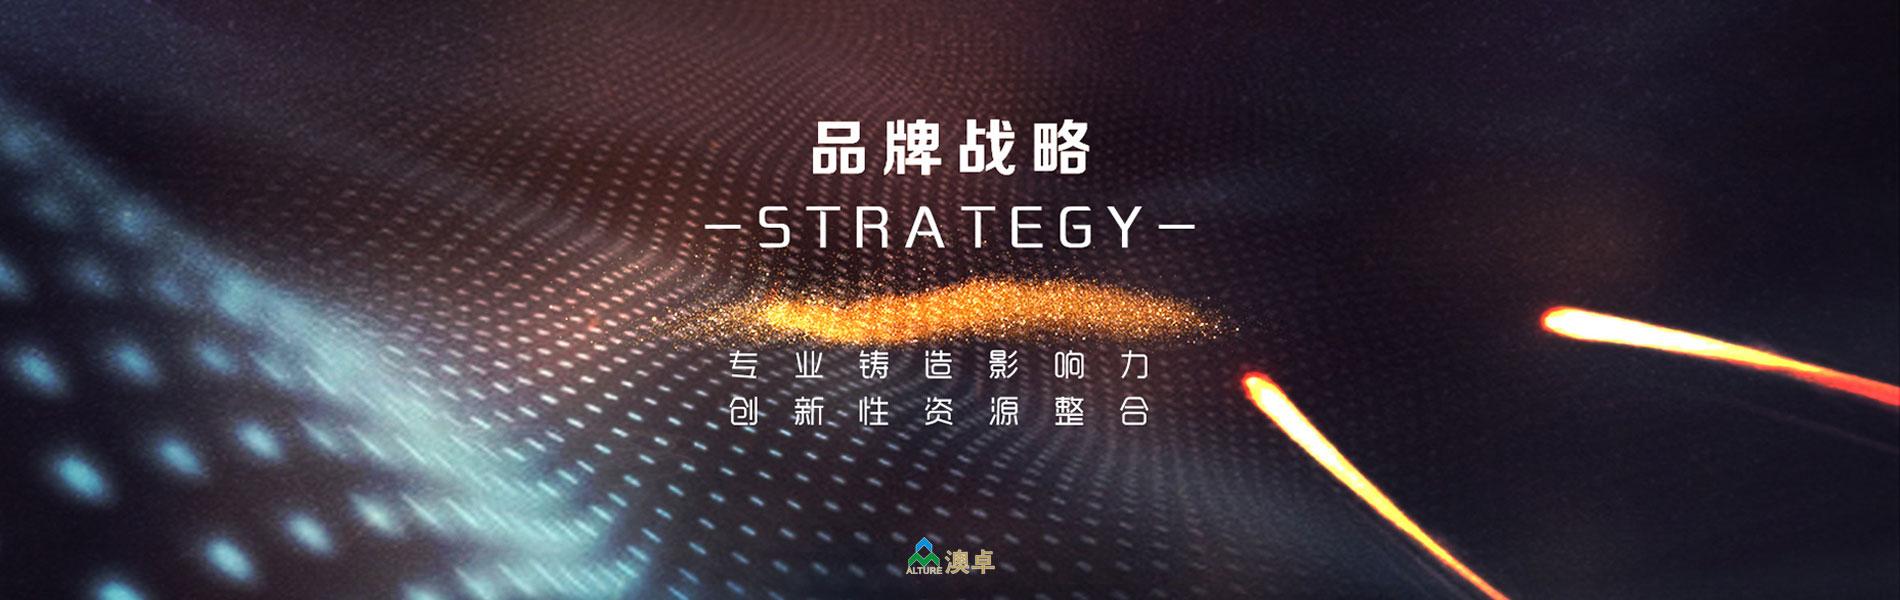 深圳市澳卓建材有限公司